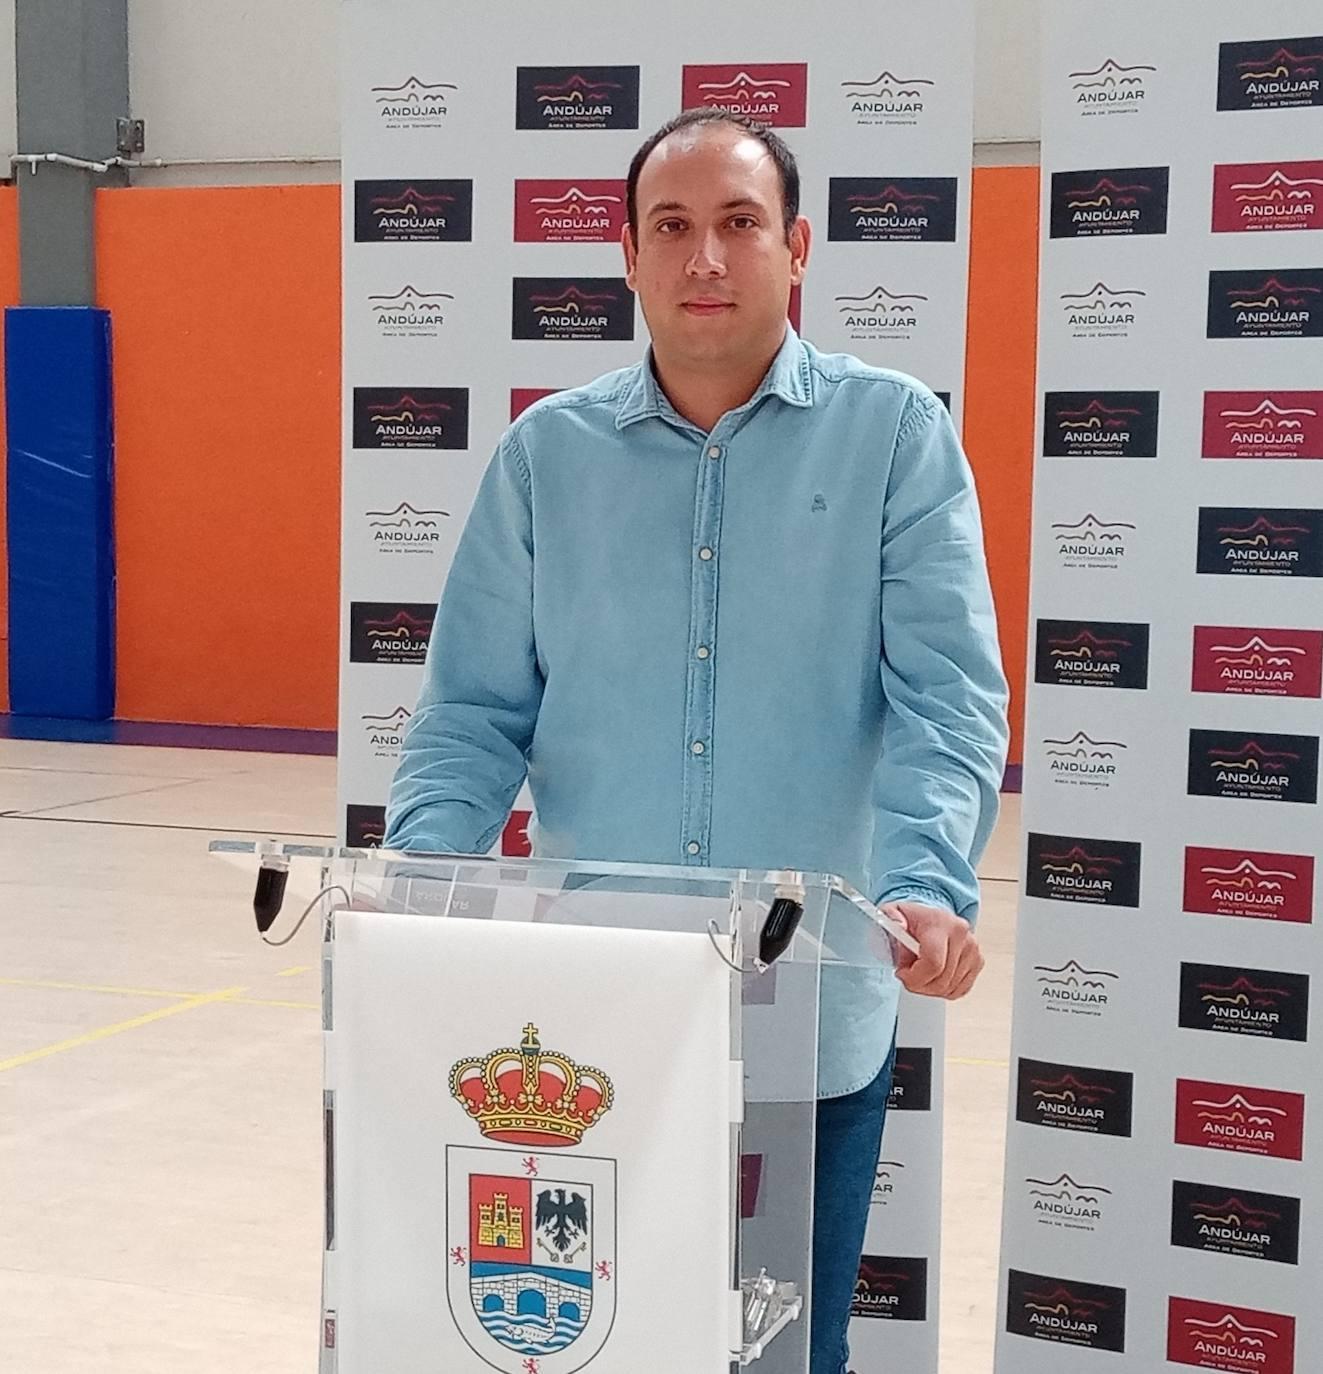 Arranca la temporada deportiva 2021/2022 en Andújar con varias mejoras en las instalaciones municipales